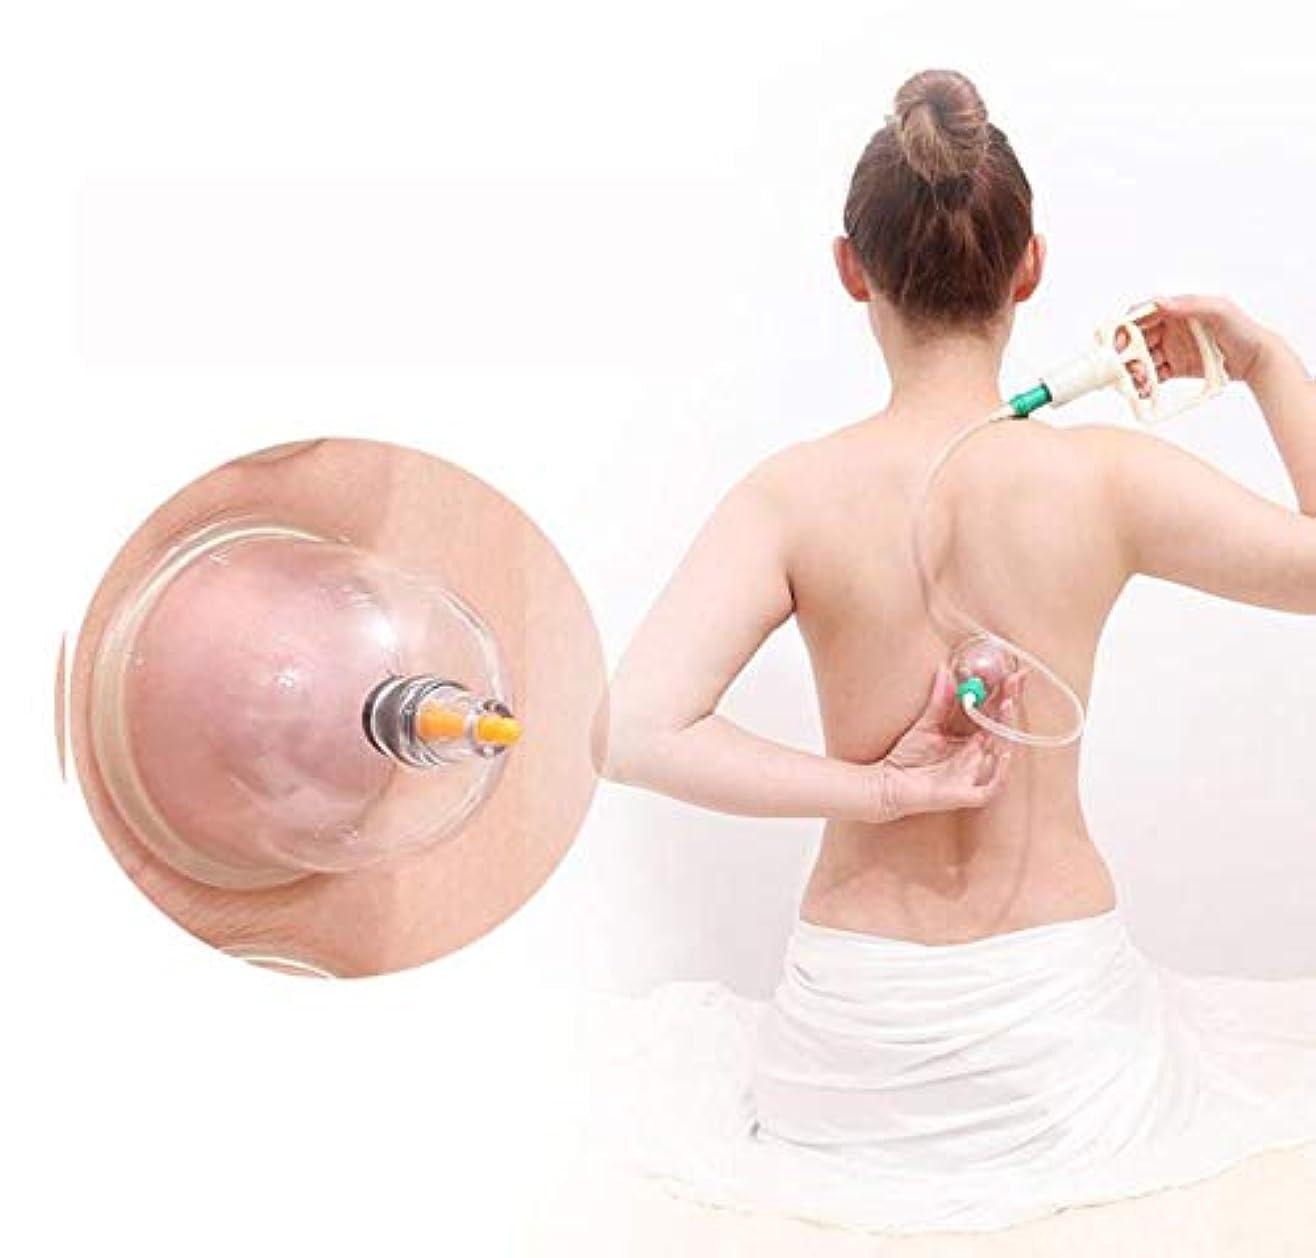 ビルダーバルク見落とすカッピング 吸い玉カップ 治療 痛み緩和 血液の循環を促す 中国式療法 マッサージ効果